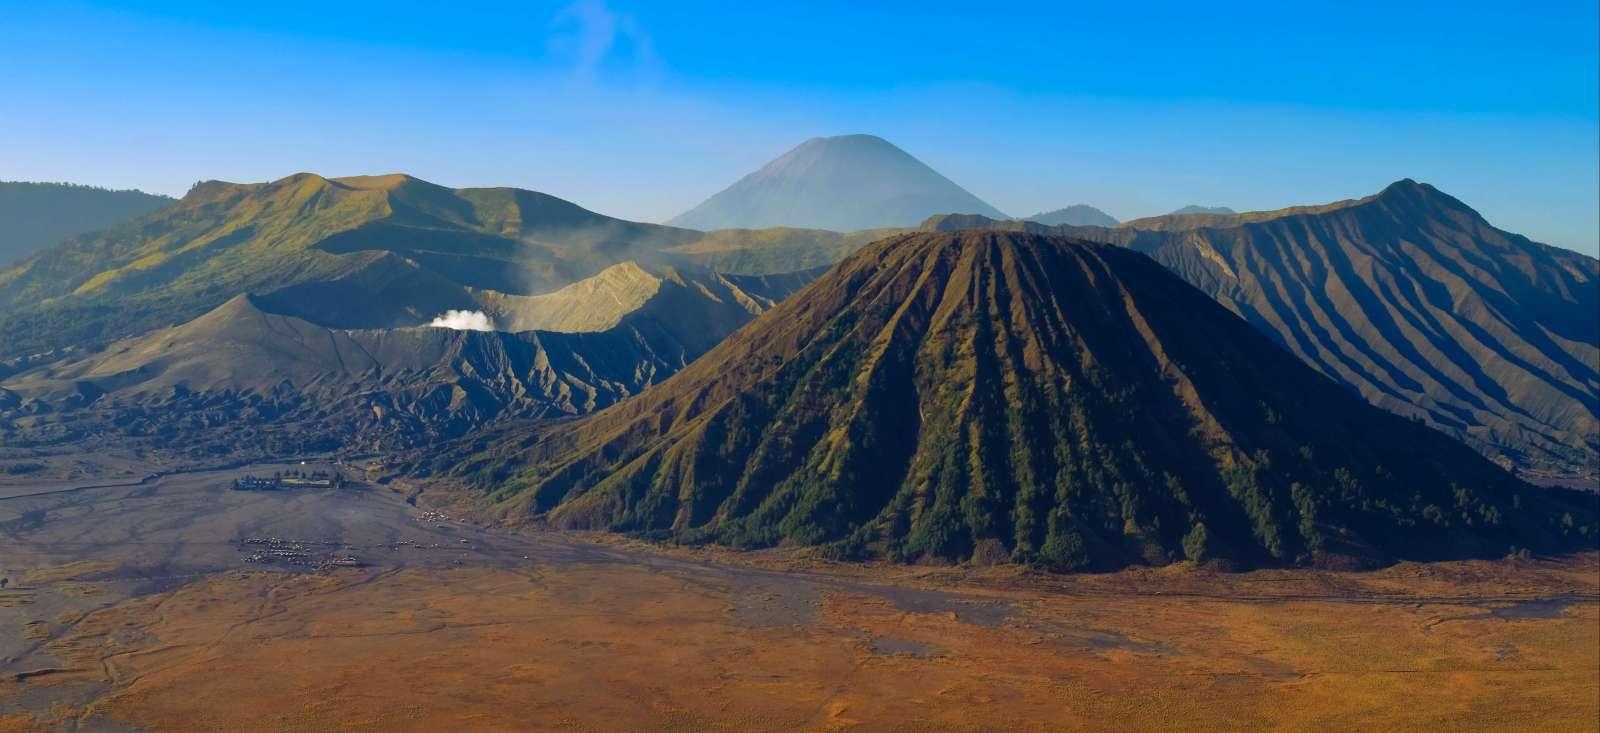 Voyage à pied Indonésie : La ronde des volcans